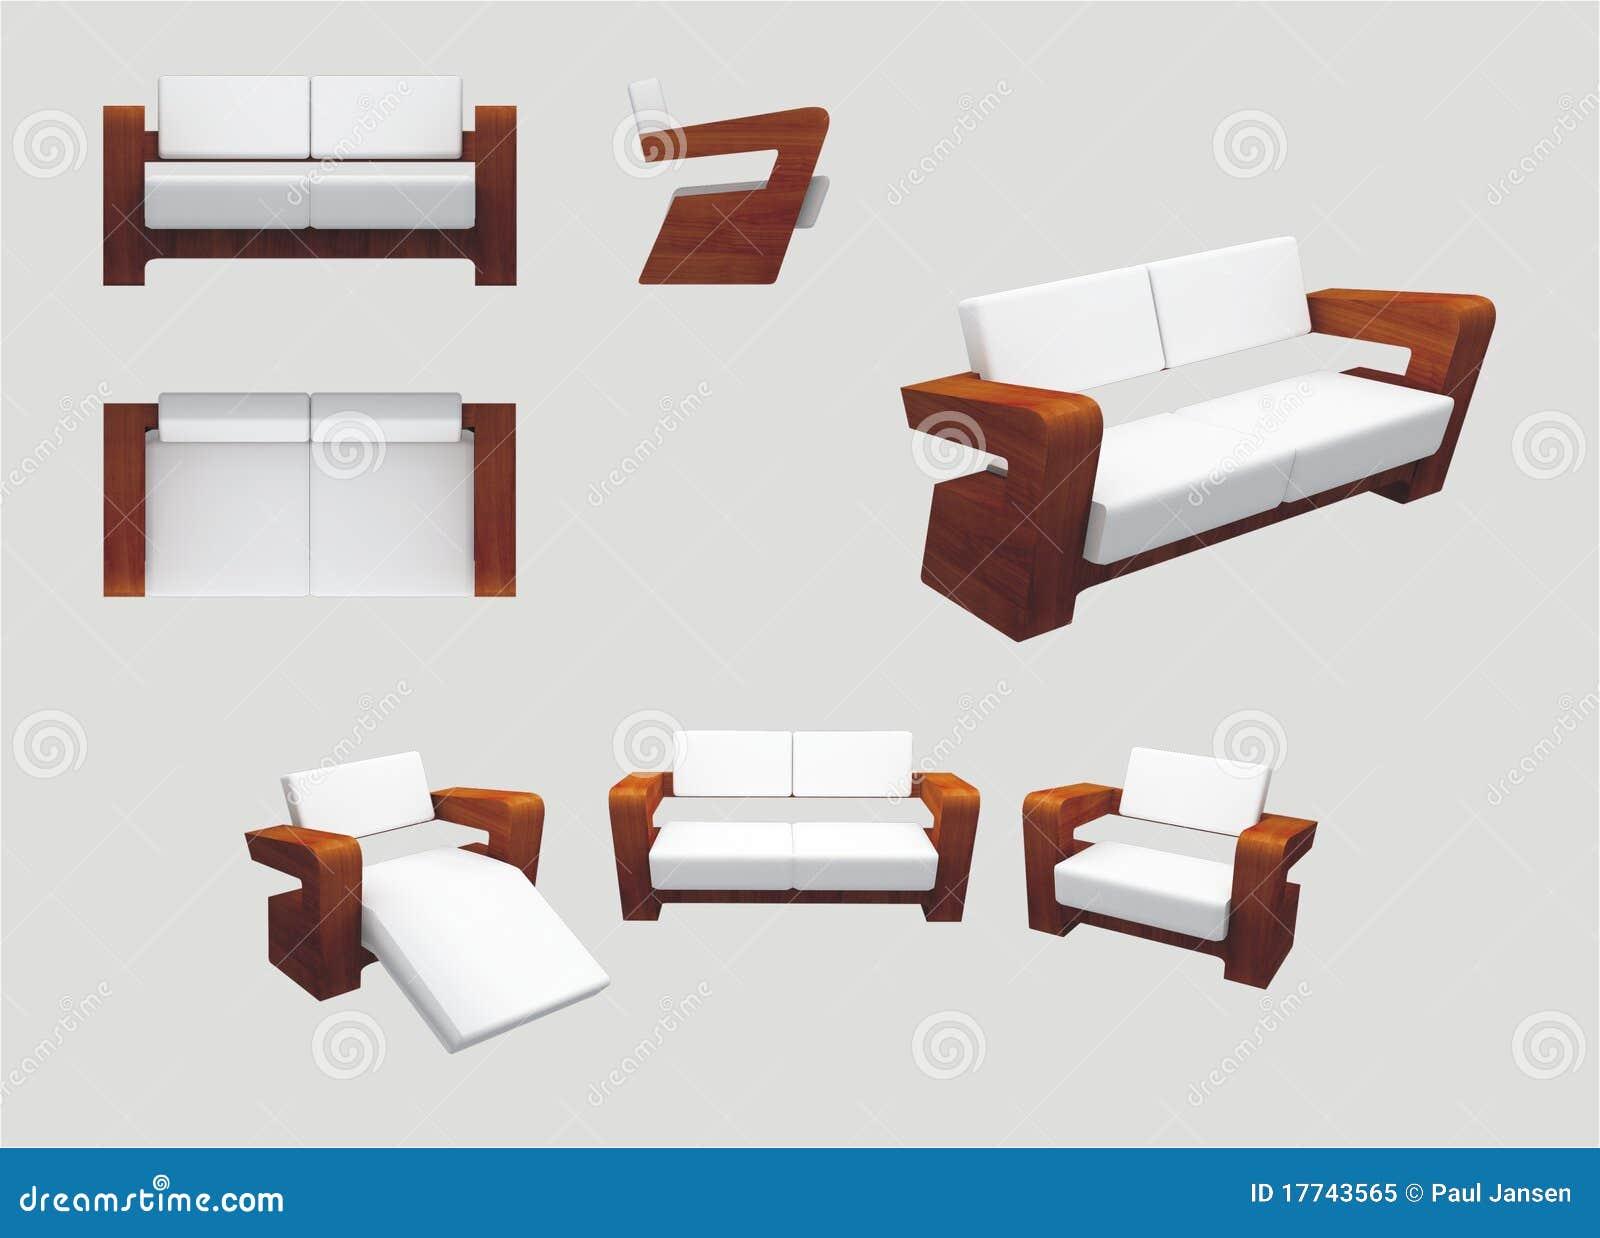 Moderne Möbel Für Entspannung Stock Abbildung - Illustration von ...